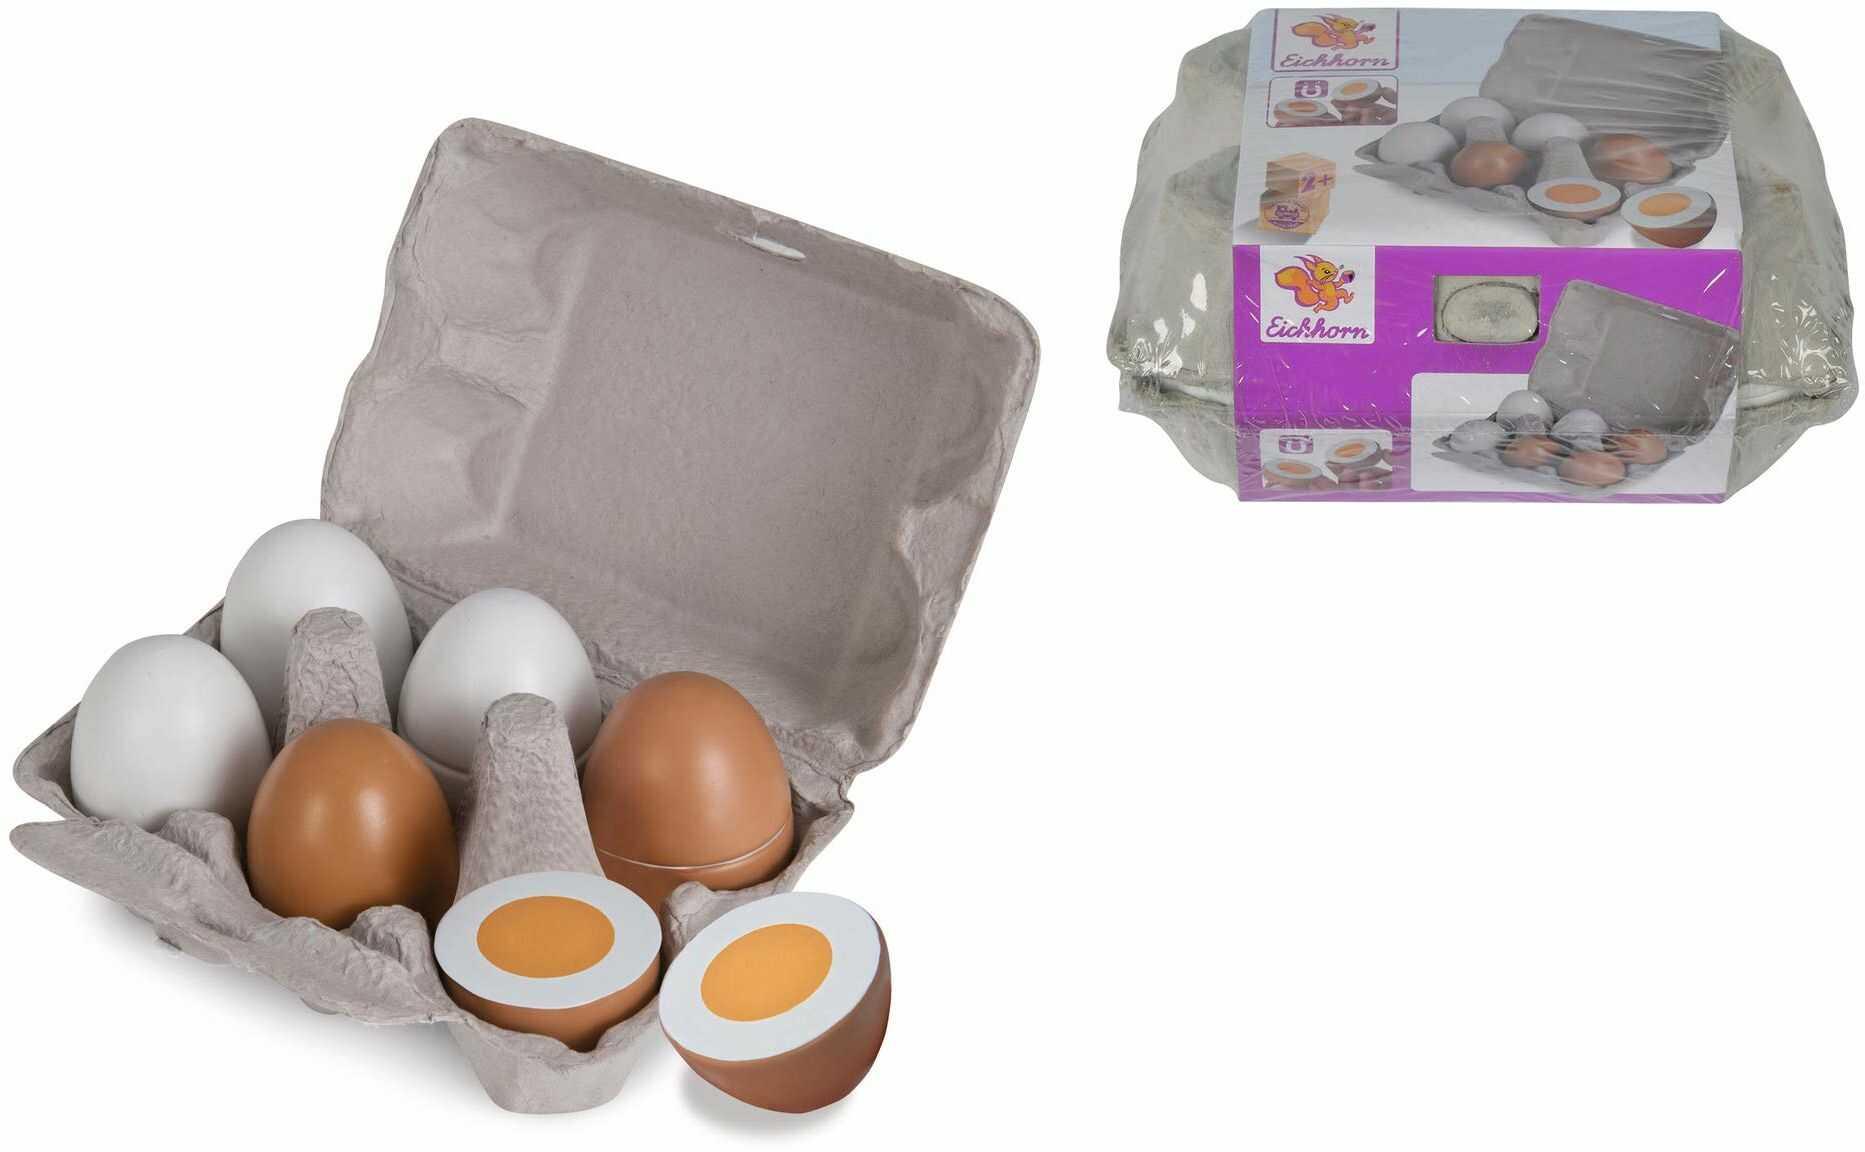 Eichhorn 100003737 - pudełko na jajka z 6 jajkami, 3 x z funkcją magnetyczną, 10,5 x 16 x 7 cm, akcesoria do sklepu, drewno brzozowe